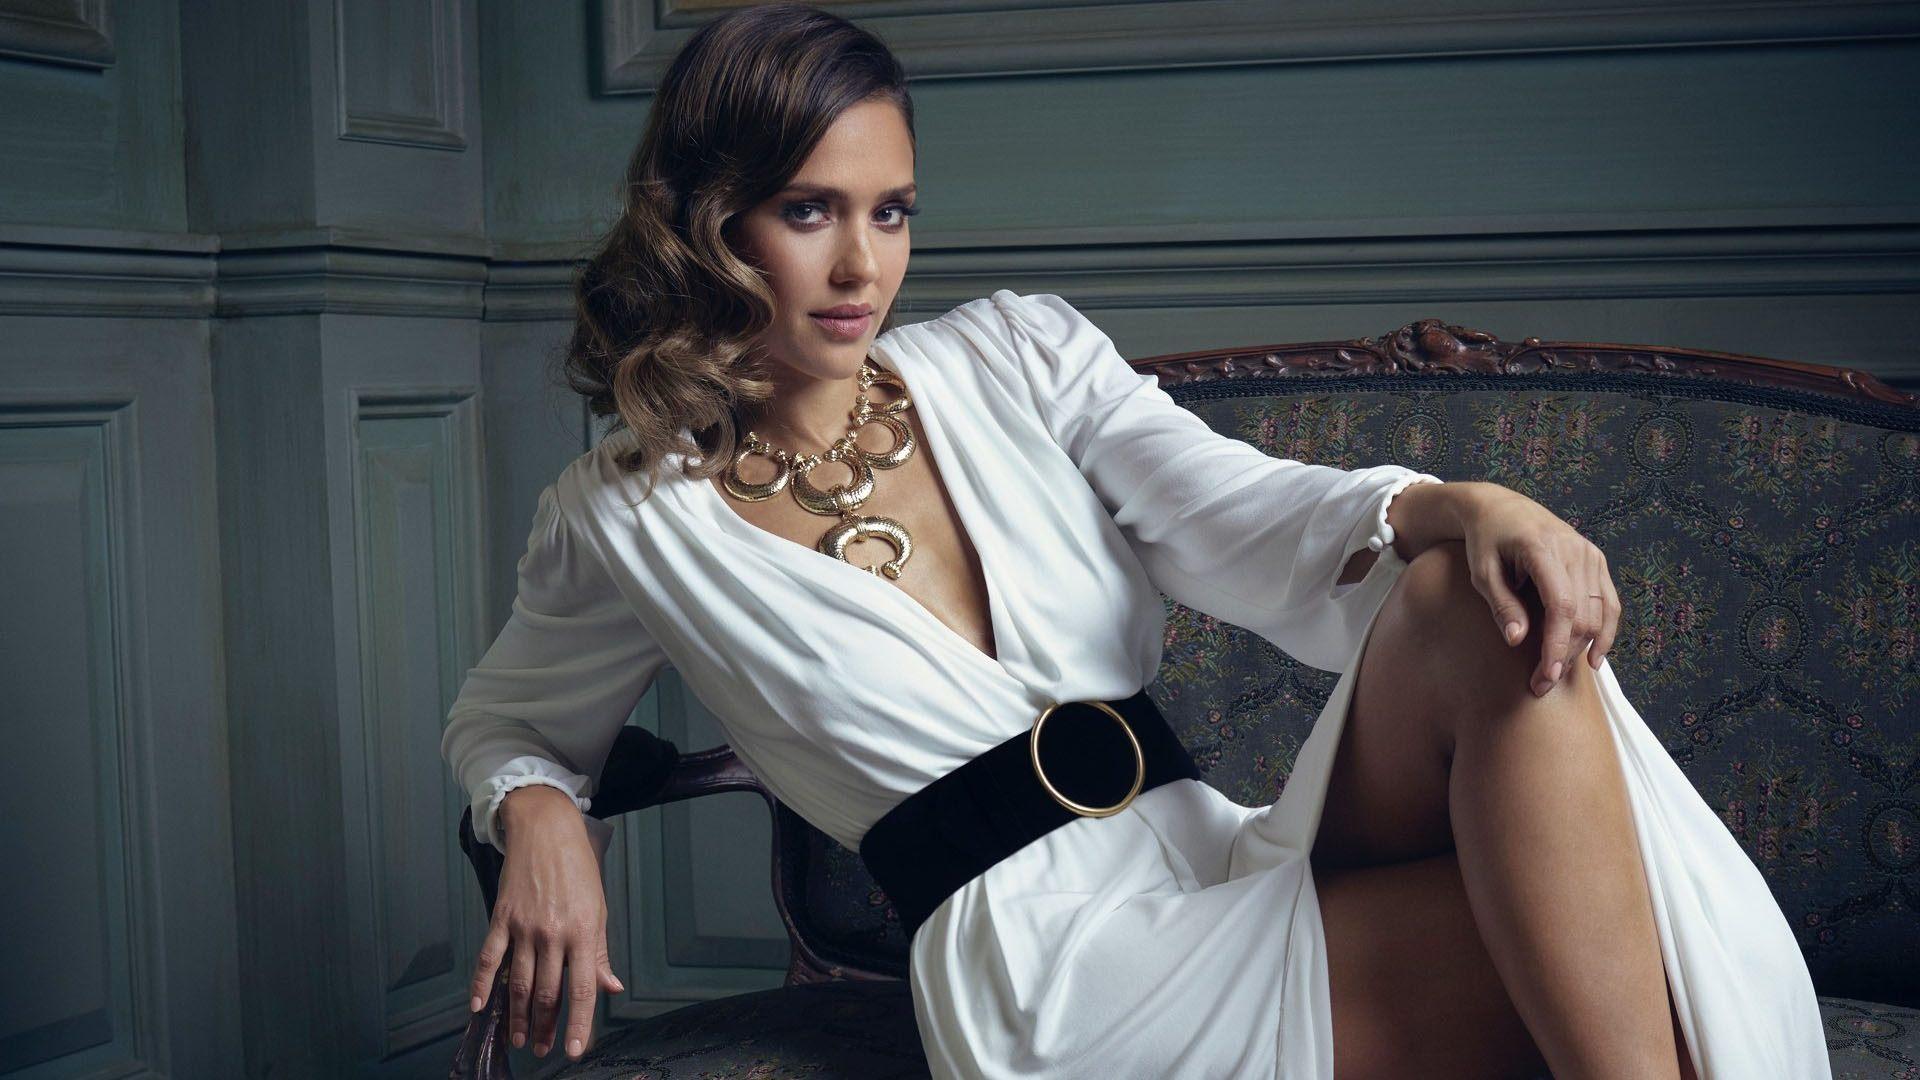 Jessica alba new hd celebrities 4k wallpapers images - Jessica alba desktop wallpaper ...